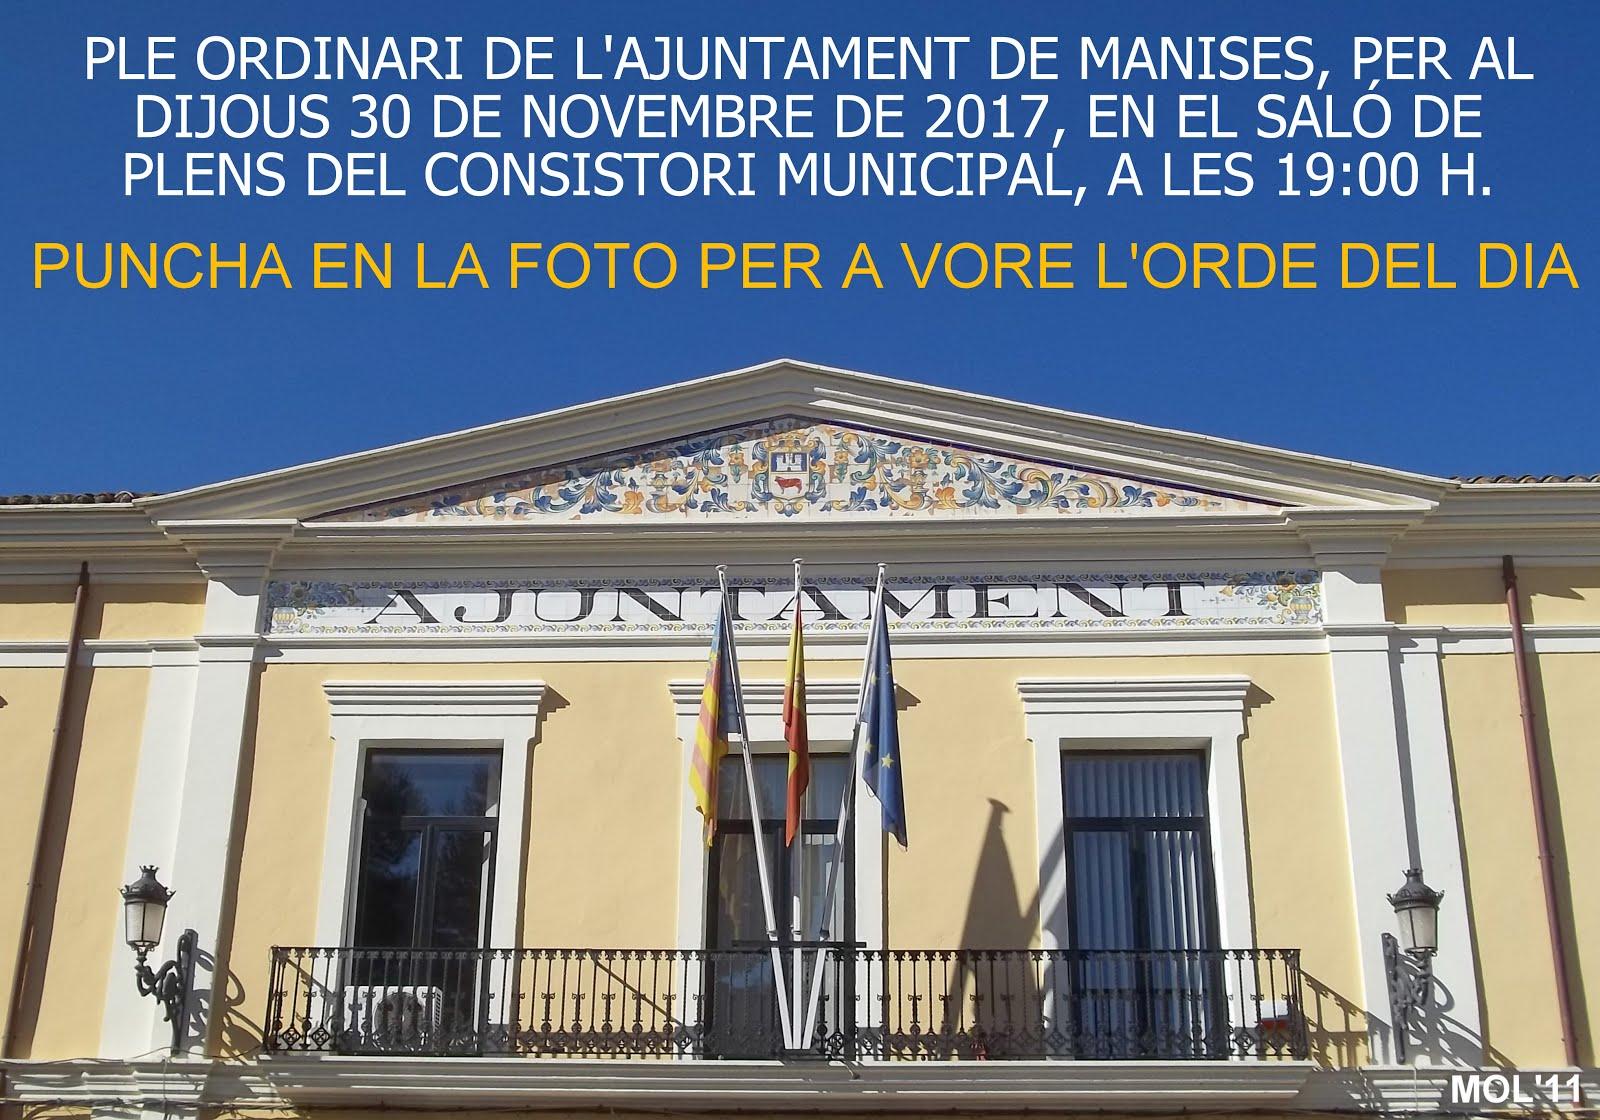 30.11.17 PLE ORDINARI DE L'AJUNTAMENT DE MANISES DEL MES DE NOVEMBRE